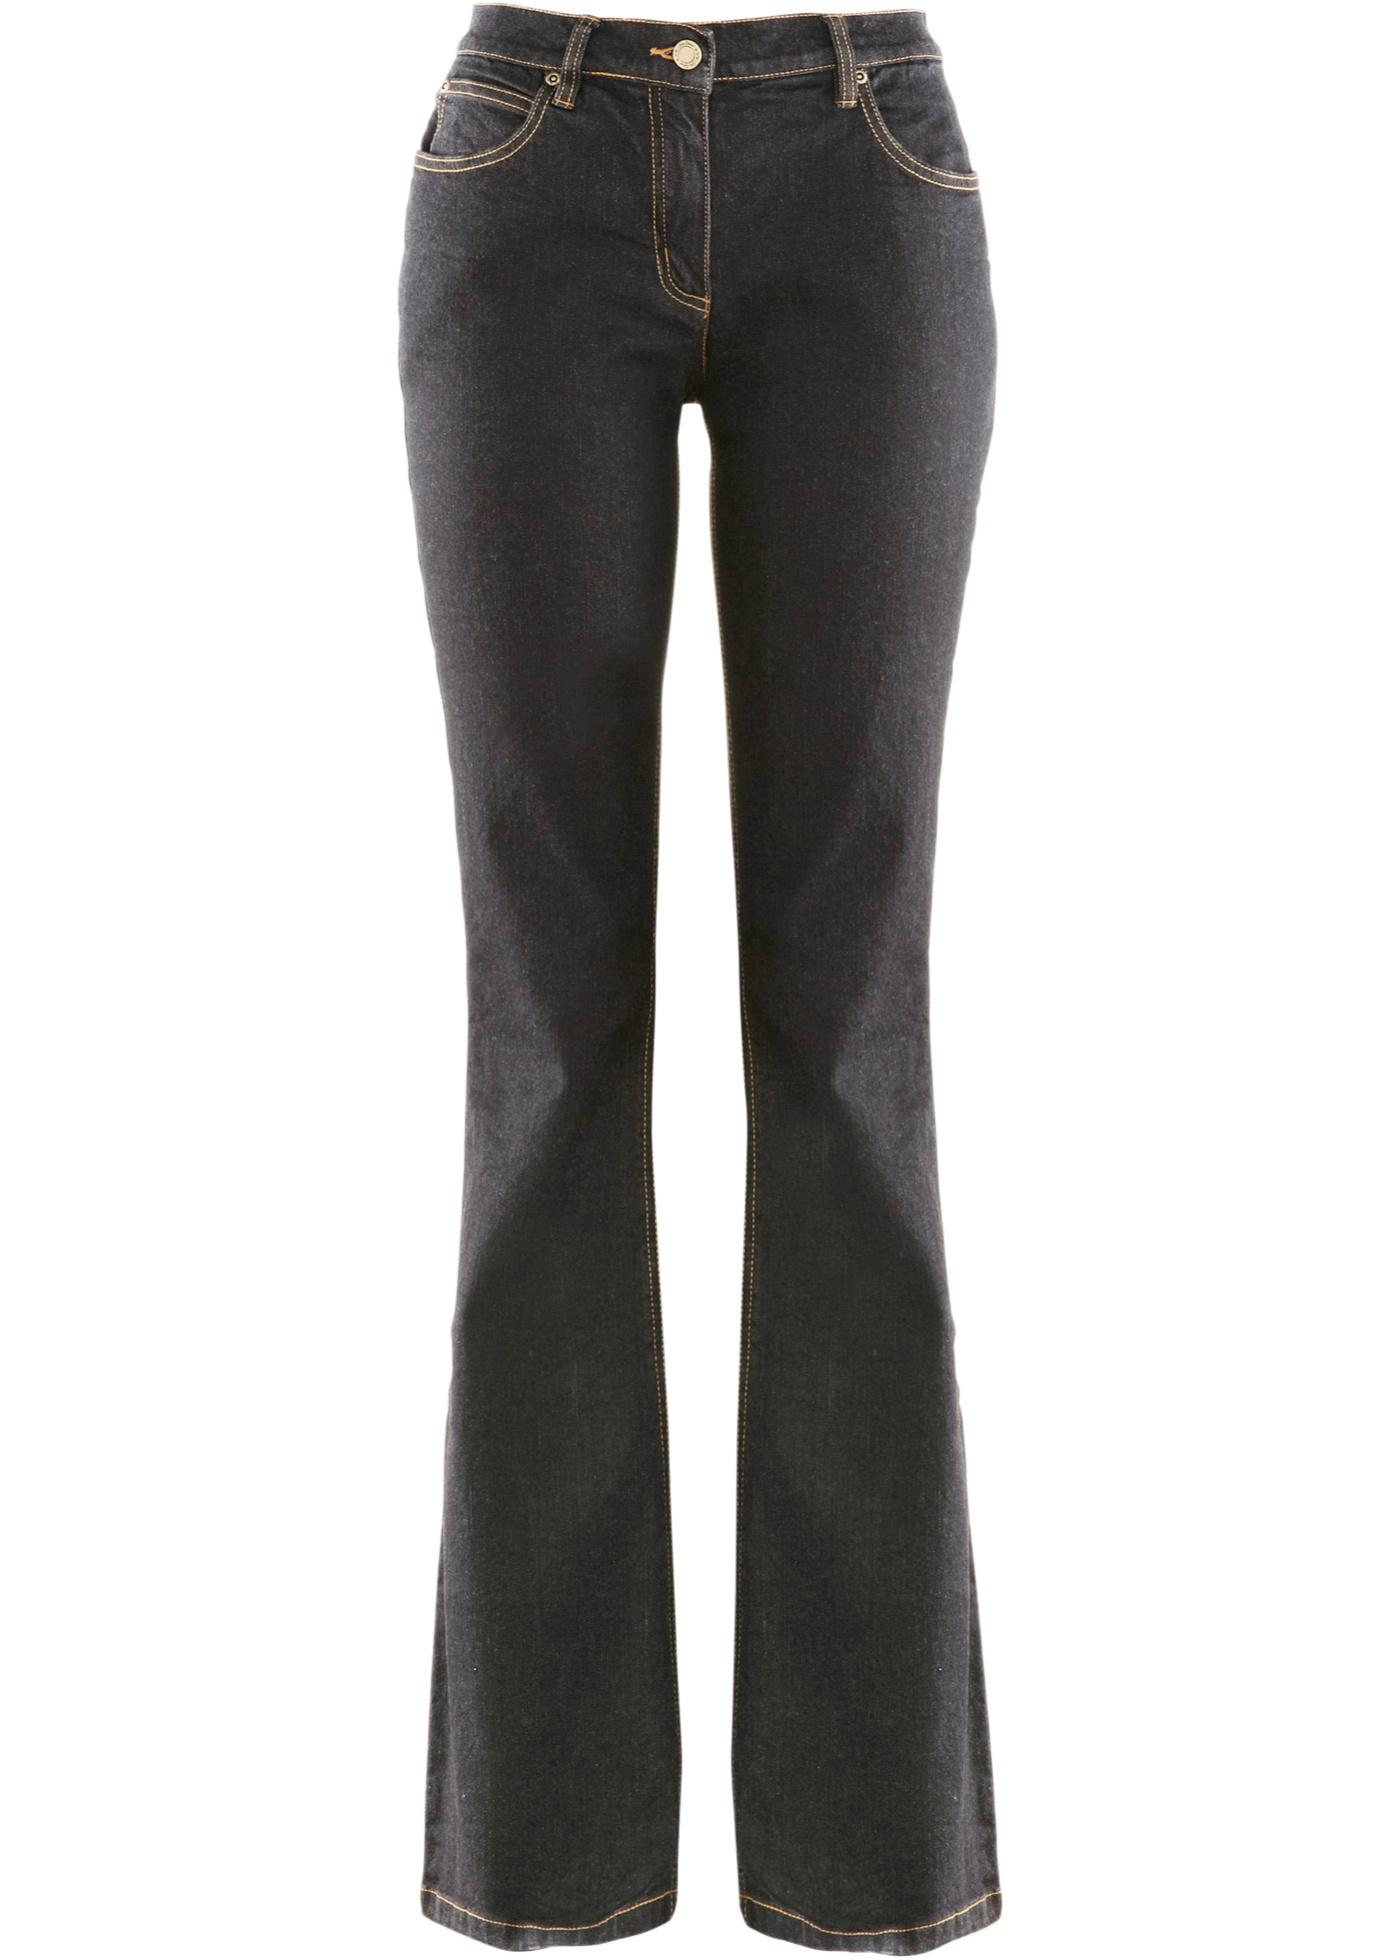 Bonprix - Vida jeans 199.00